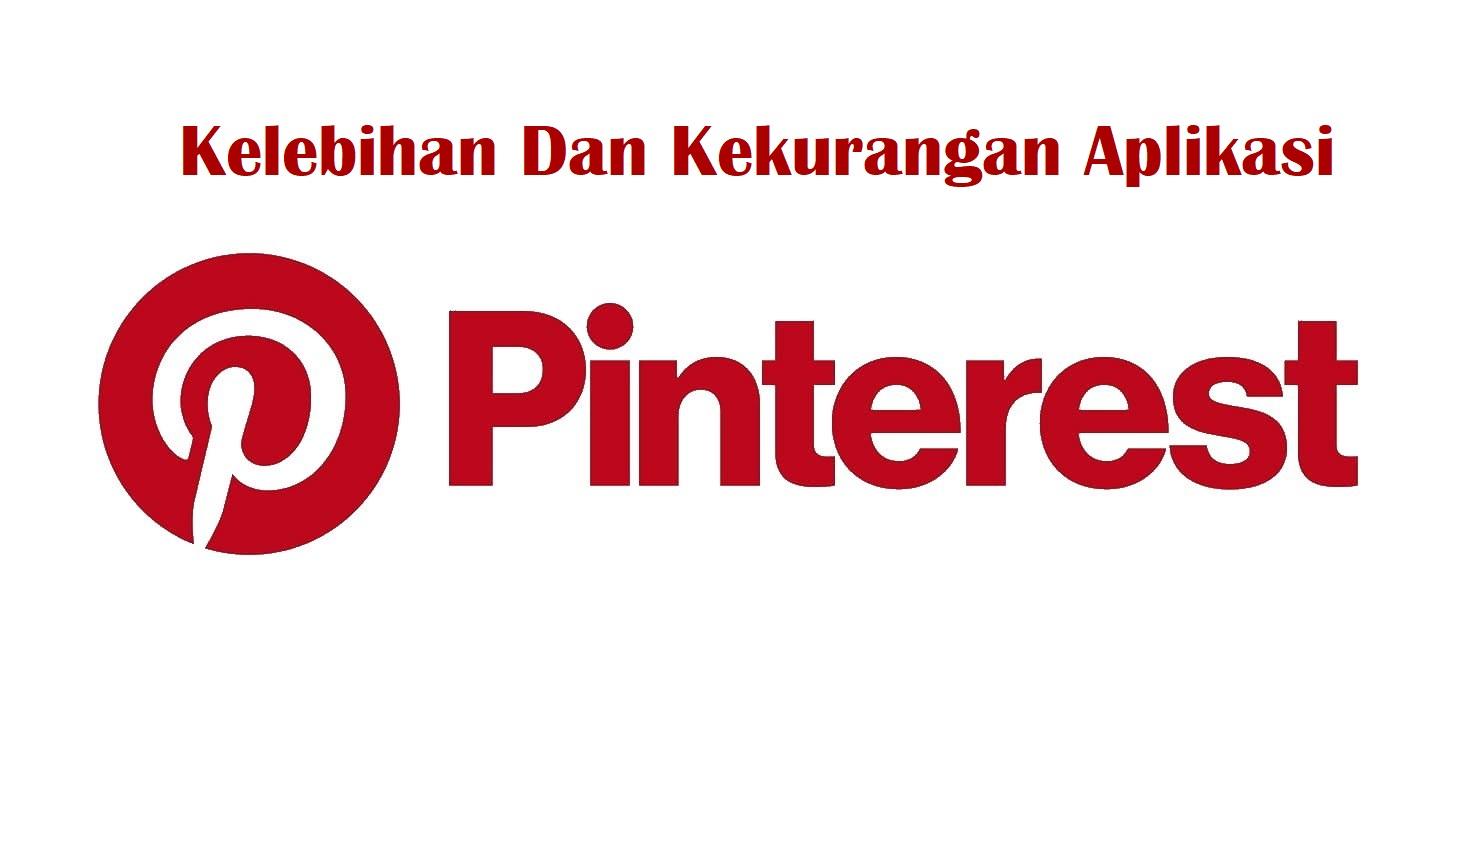 Kelebihan dan Kekurangan Pada Aplikasi Pinterest